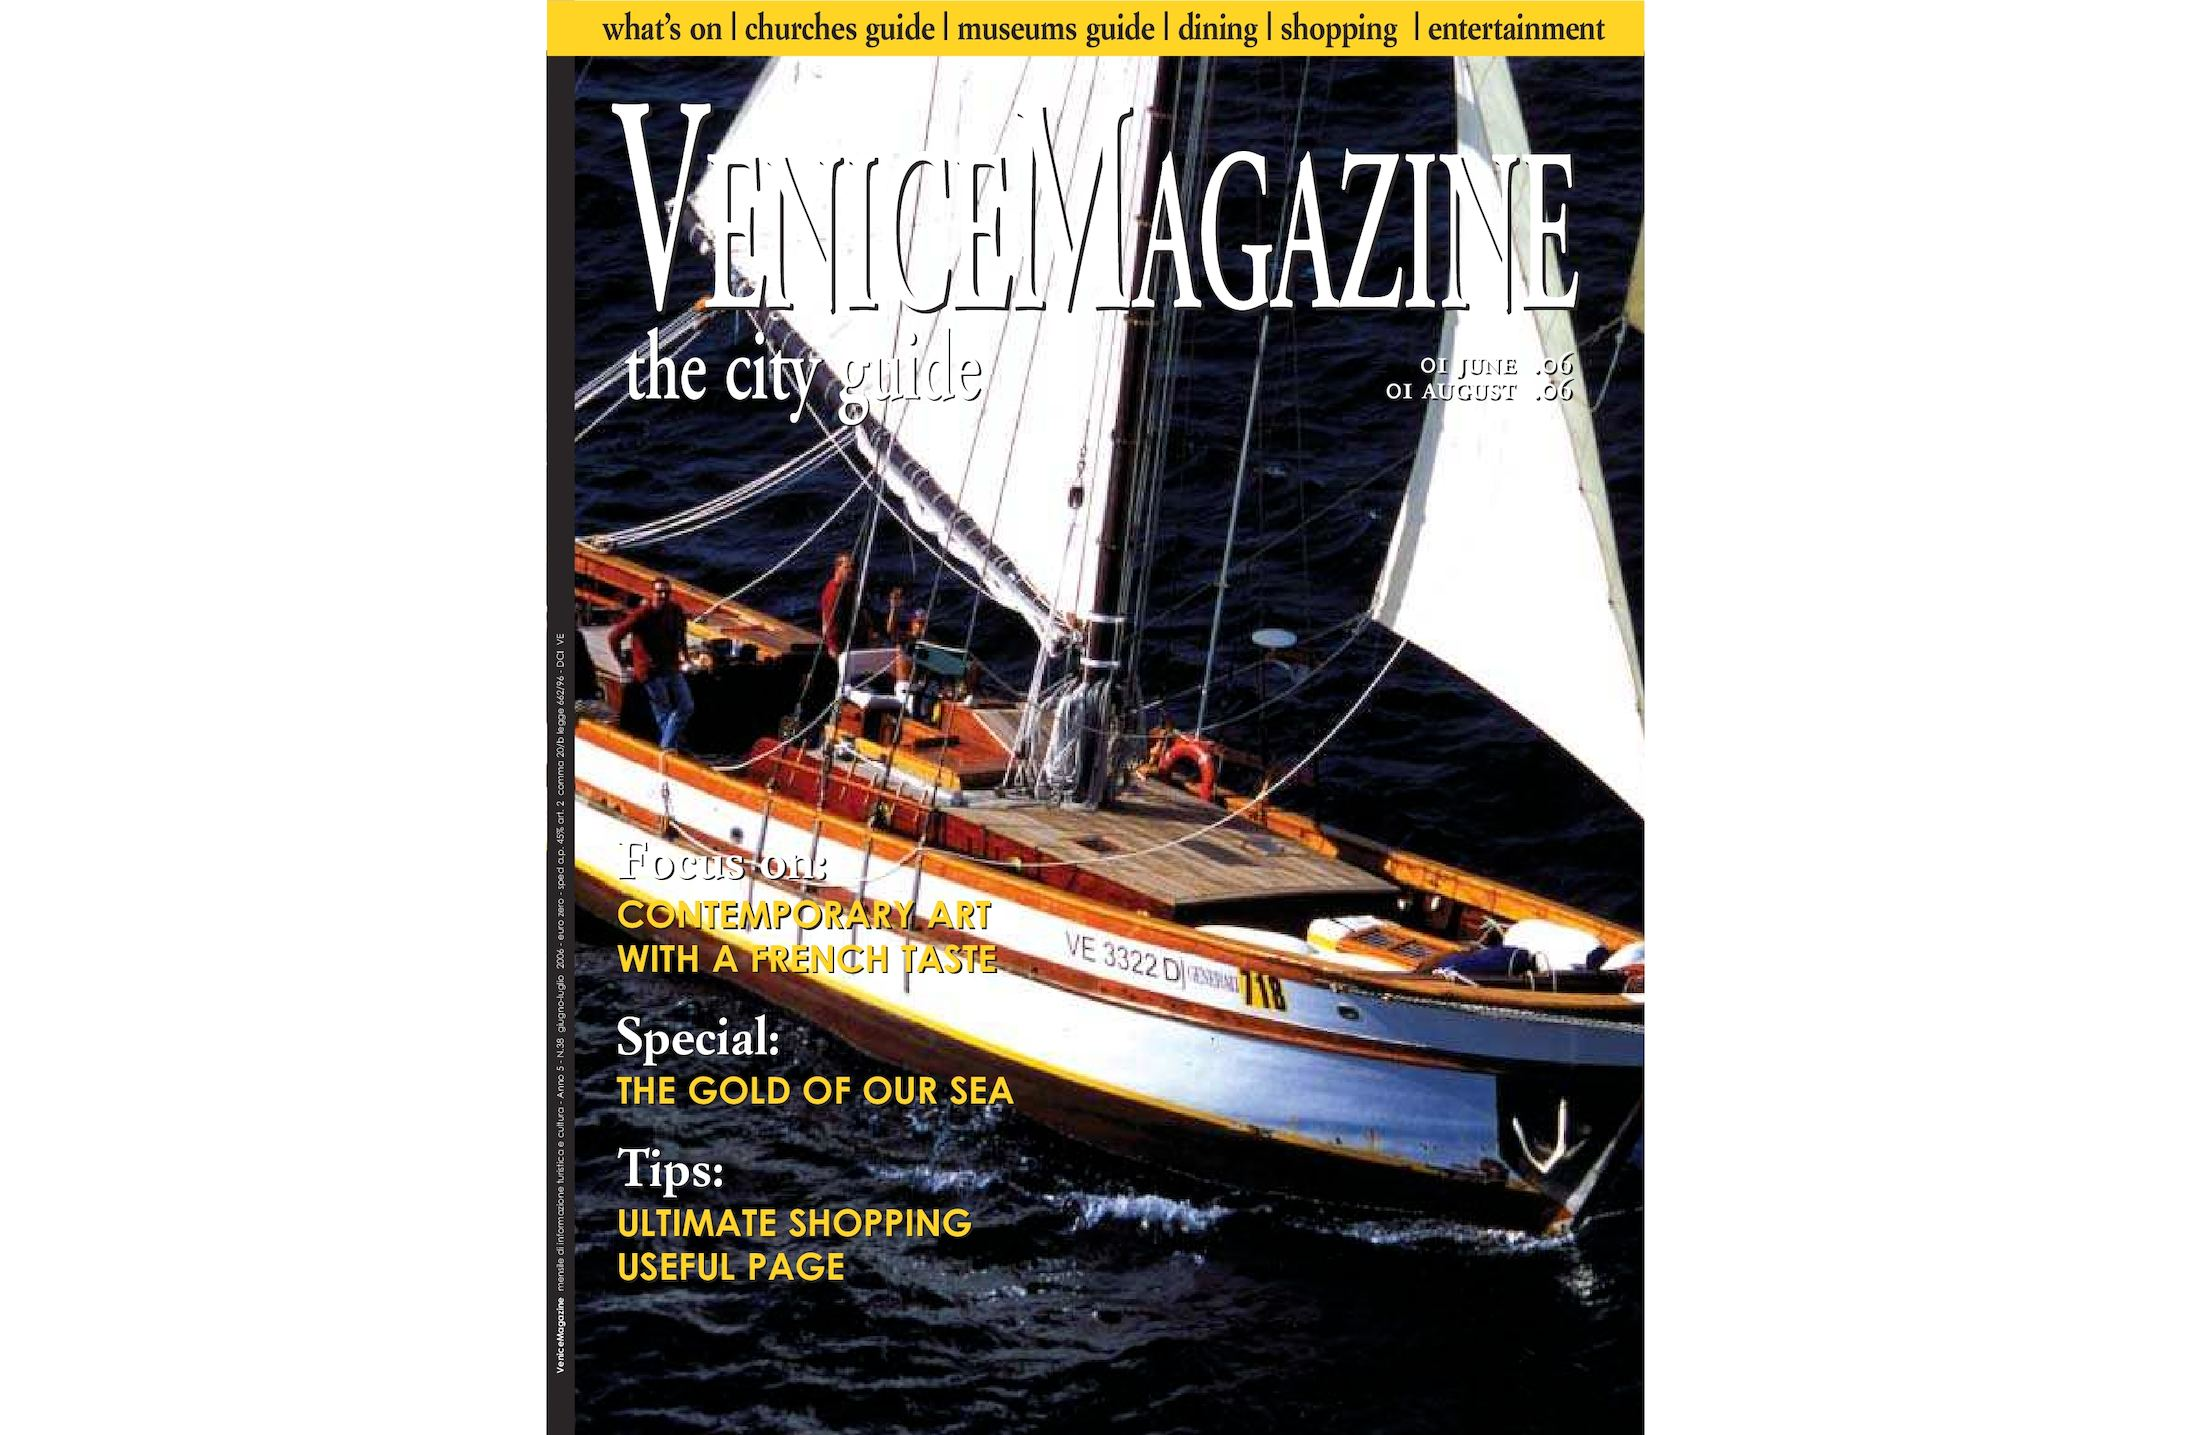 Calaméo - Venice Magazine 38 a8f38cd51ac